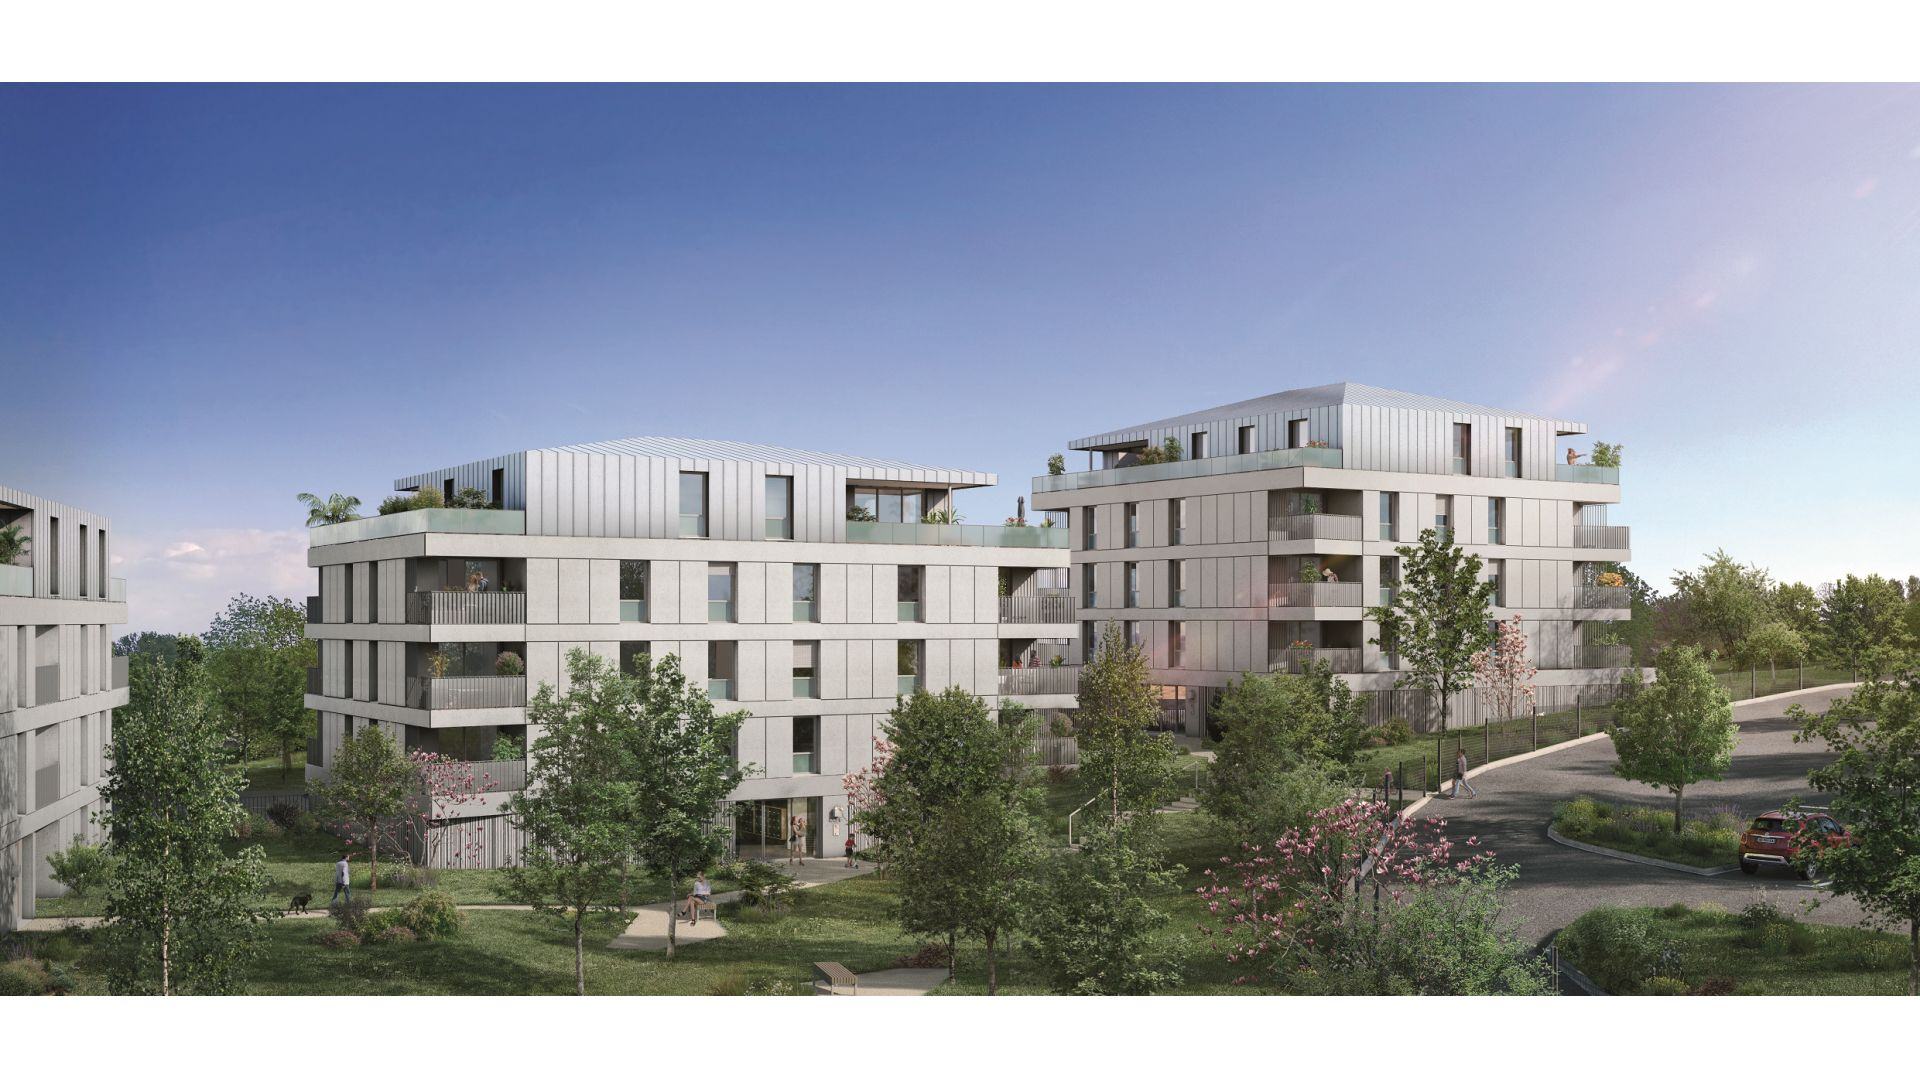 Greencity Immobilier - Résidence Les Jardins de Pouvourville - 31200 Toulouse Pouvourville - a vendre appartements du T2 au T4